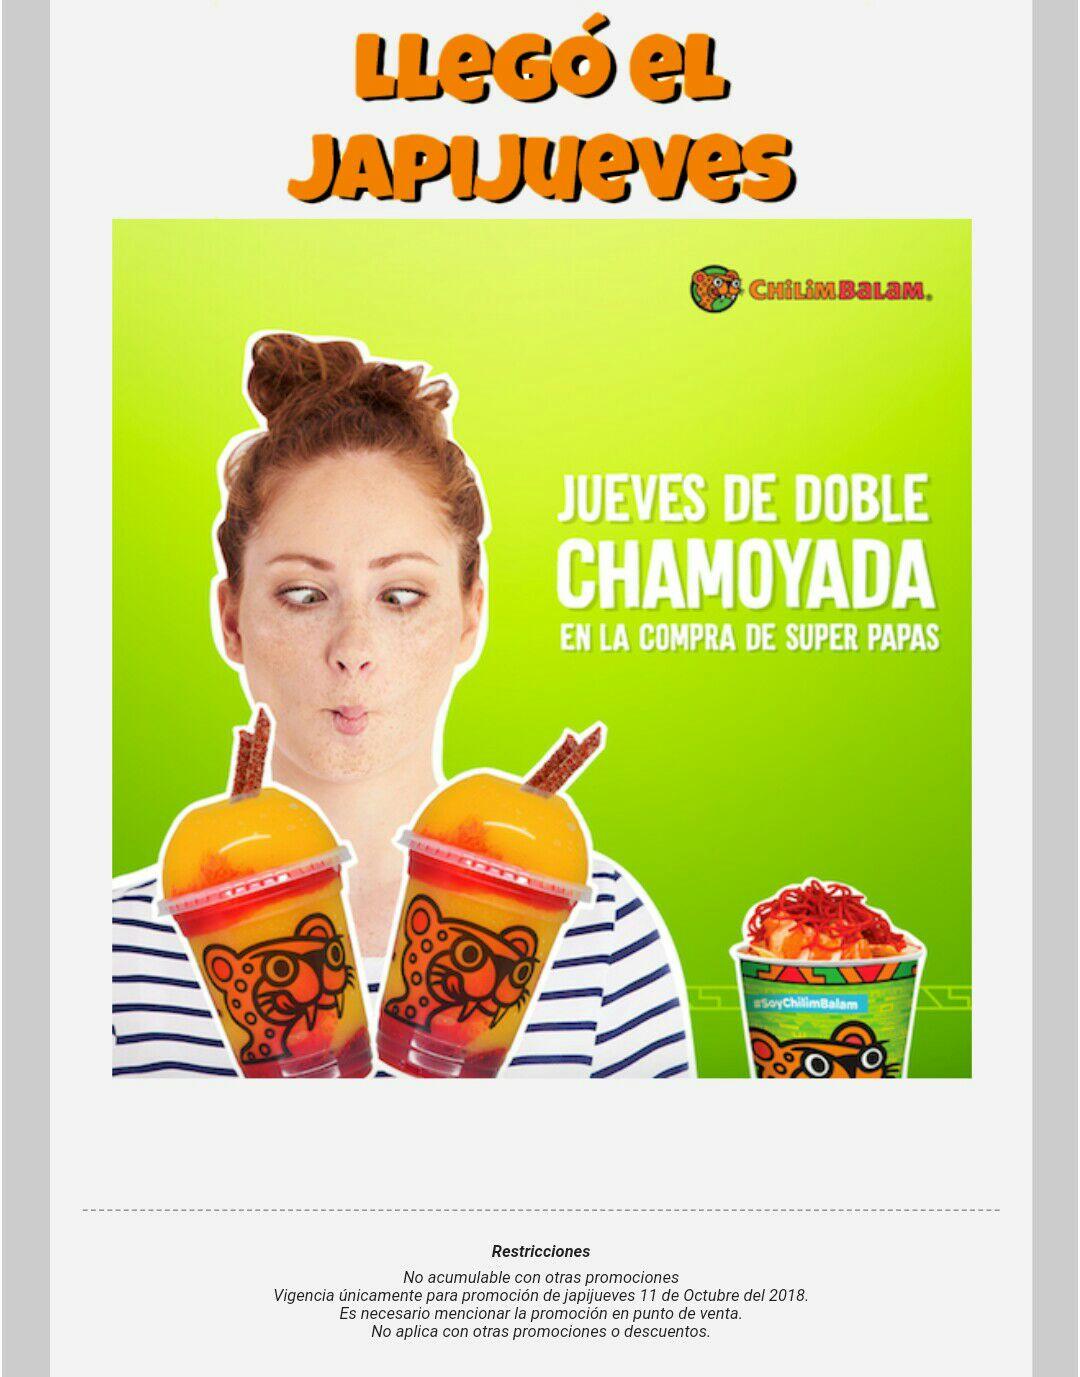 Chilim Balam: compra unas super papas y recibe gratis 2 chamoyadas.